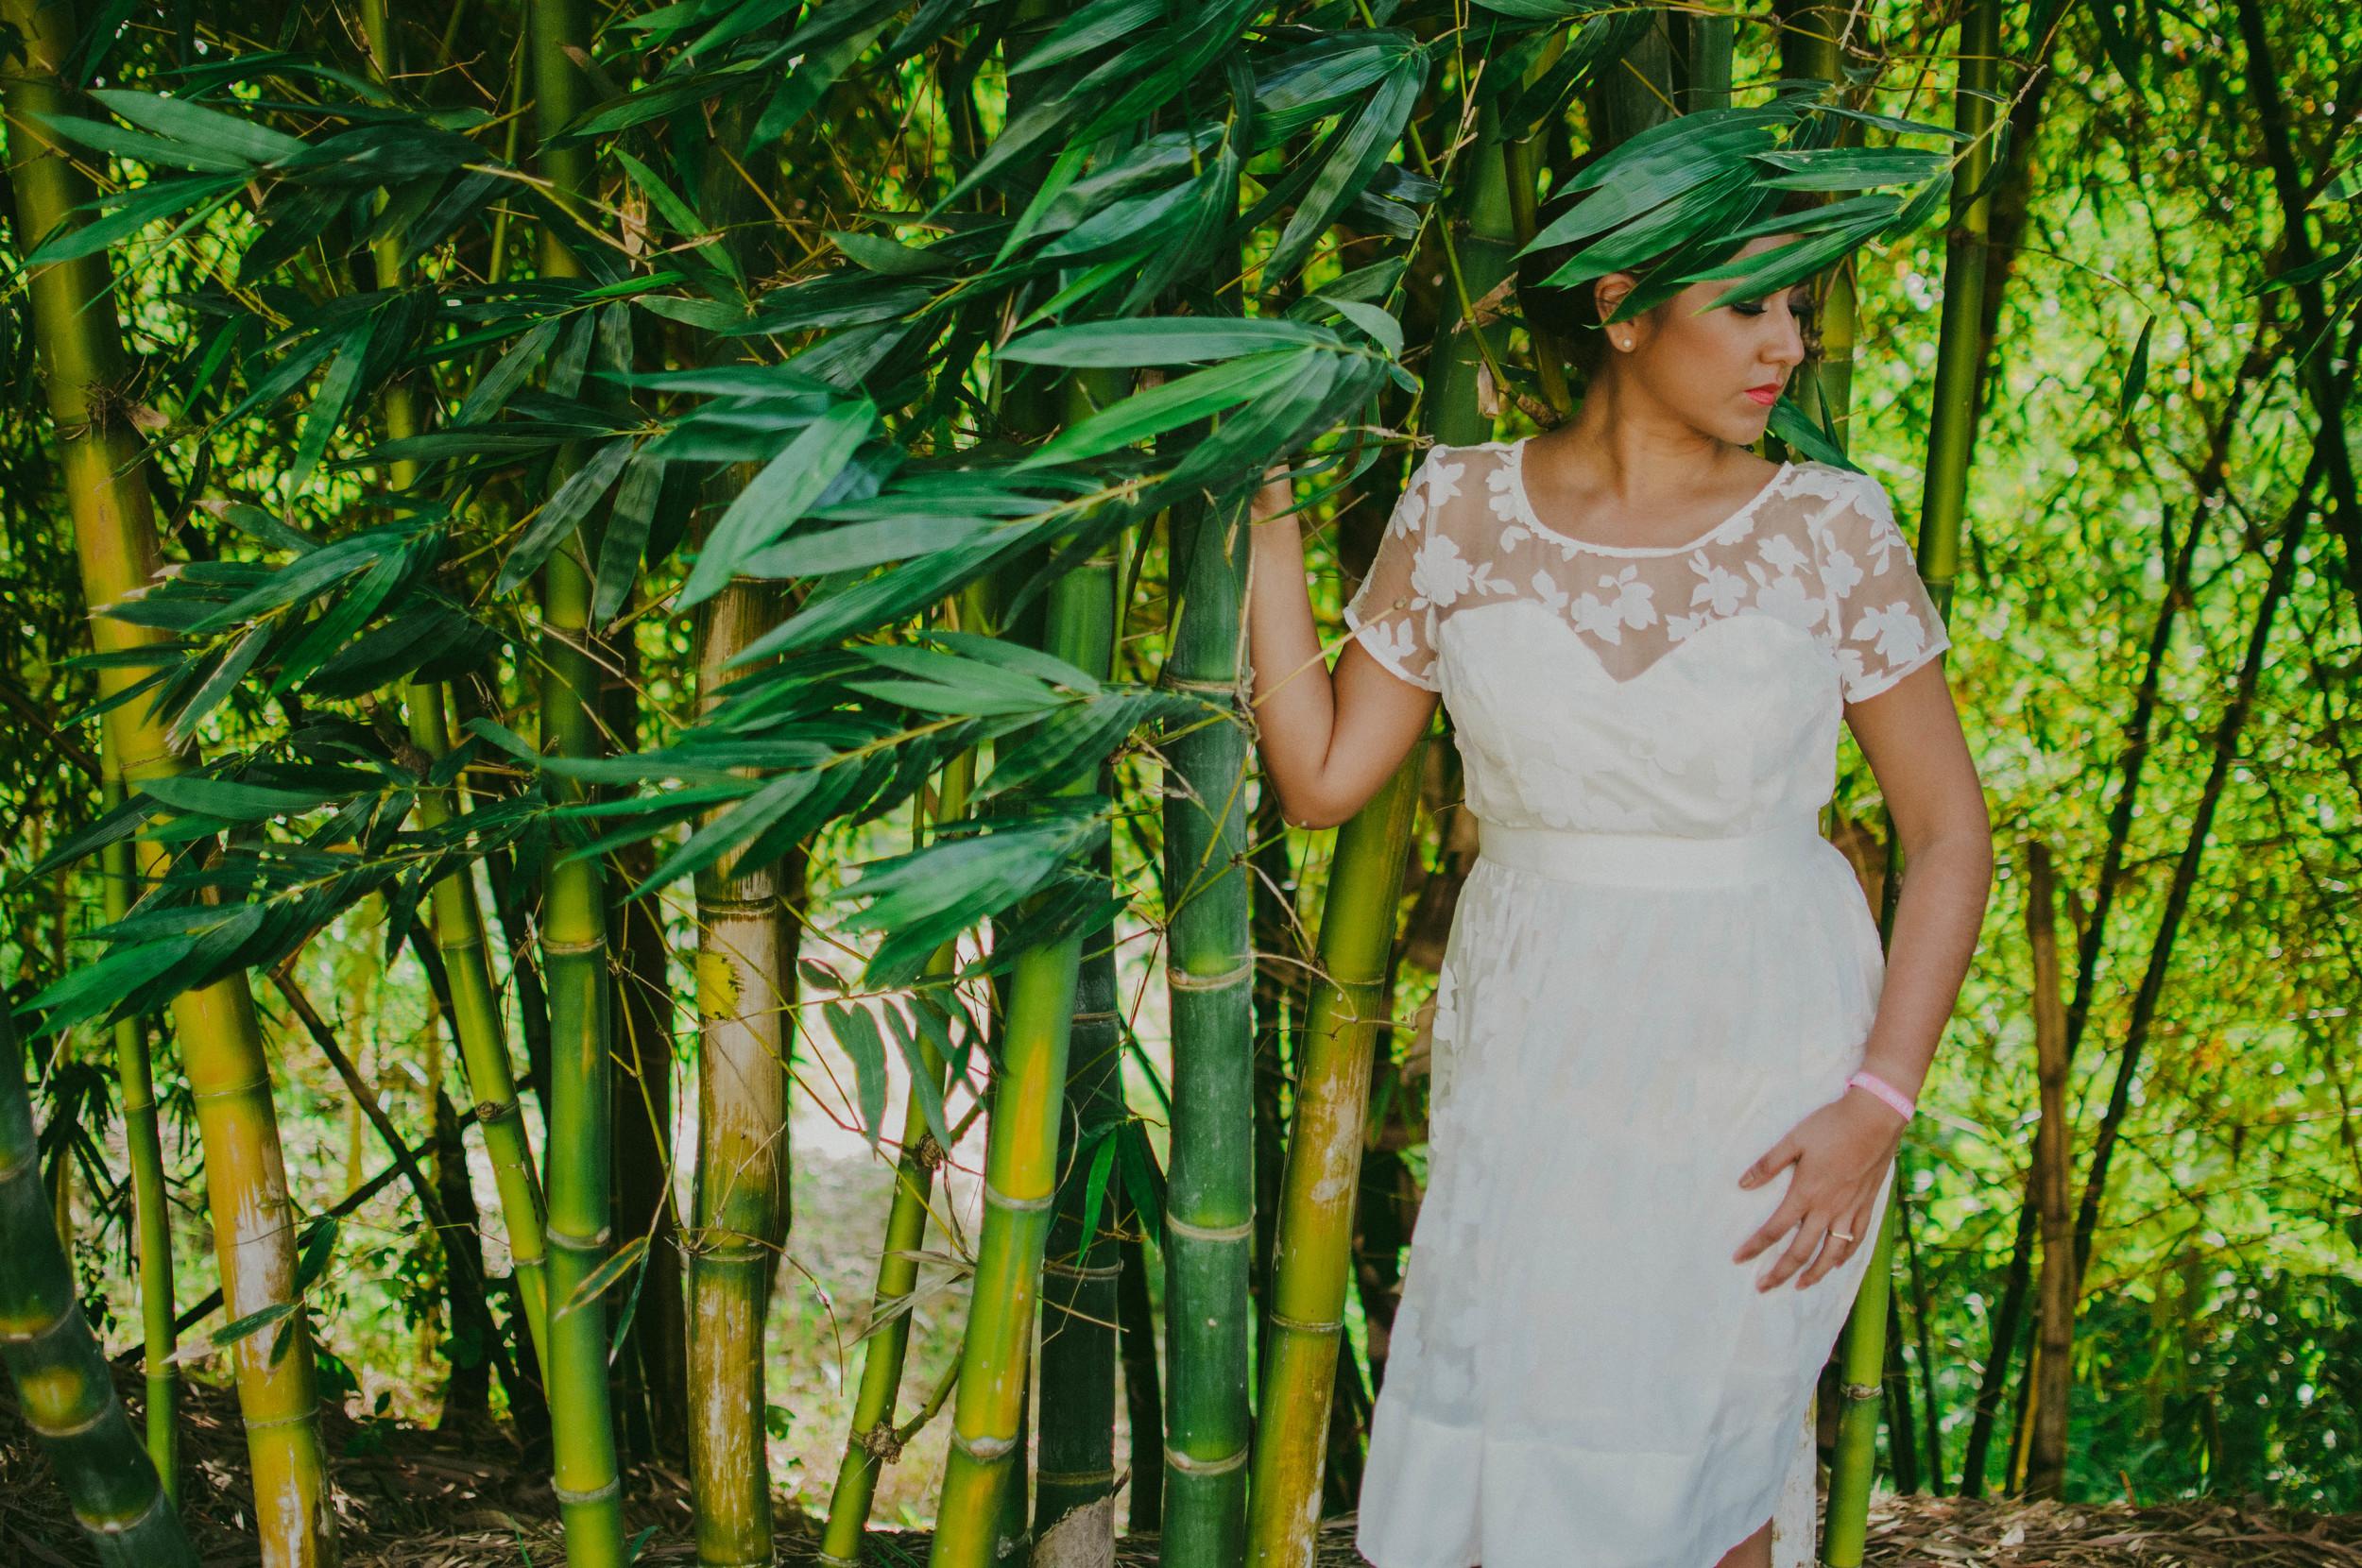 liliana y juan arturo - boda civil64.jpg